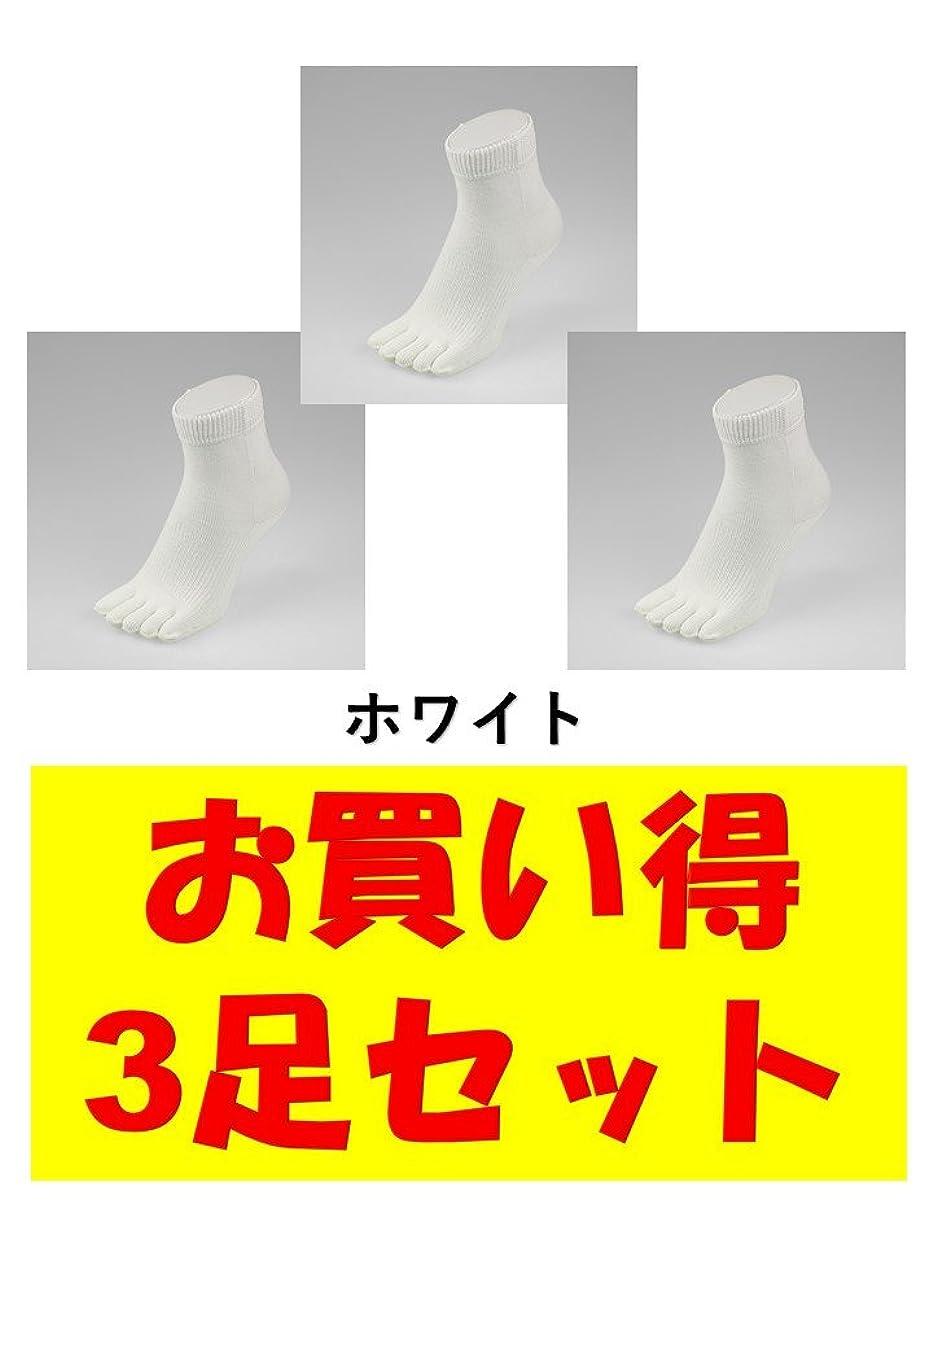 流行コード半ばお買い得3足セット 5本指 ゆびのばソックス Neo EVE(イヴ) ホワイト iサイズ(23.5cm - 25.5cm) YSNEVE-WHT